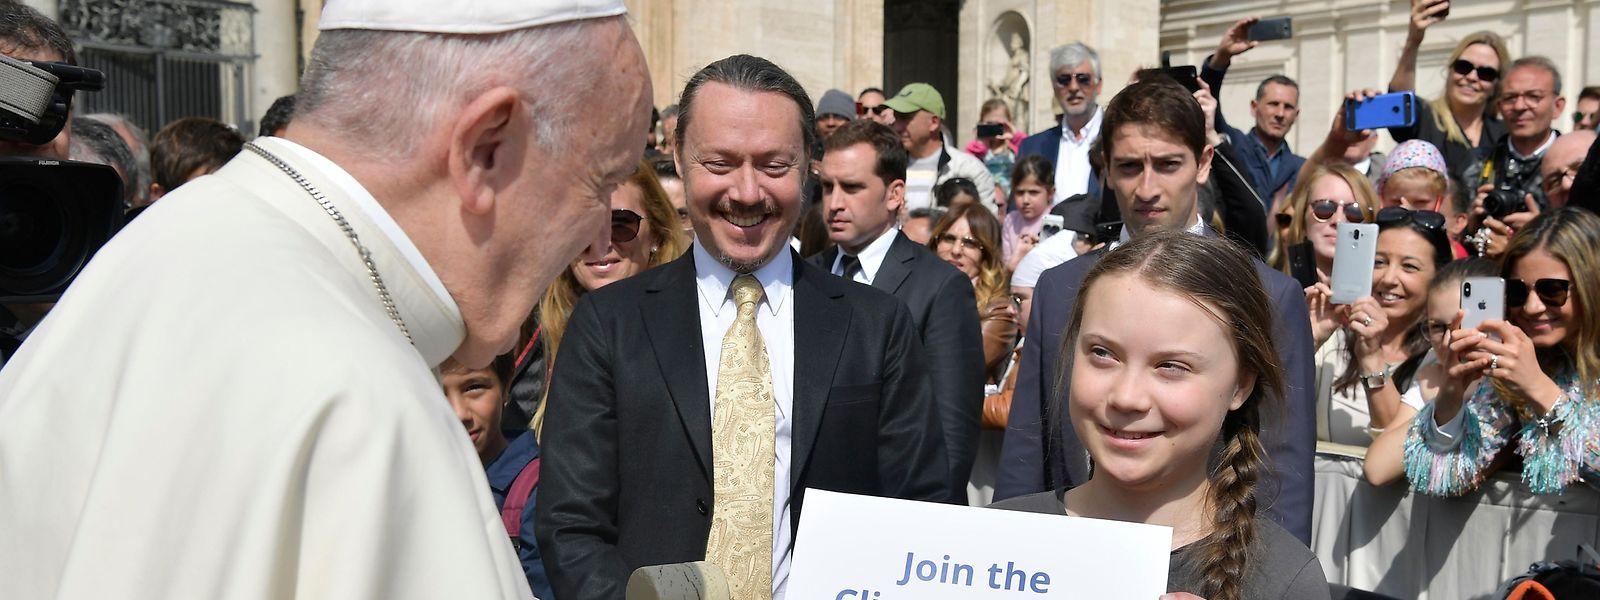 Papst Franziskus und Greta Thunberg sind sich in der Sache einig.